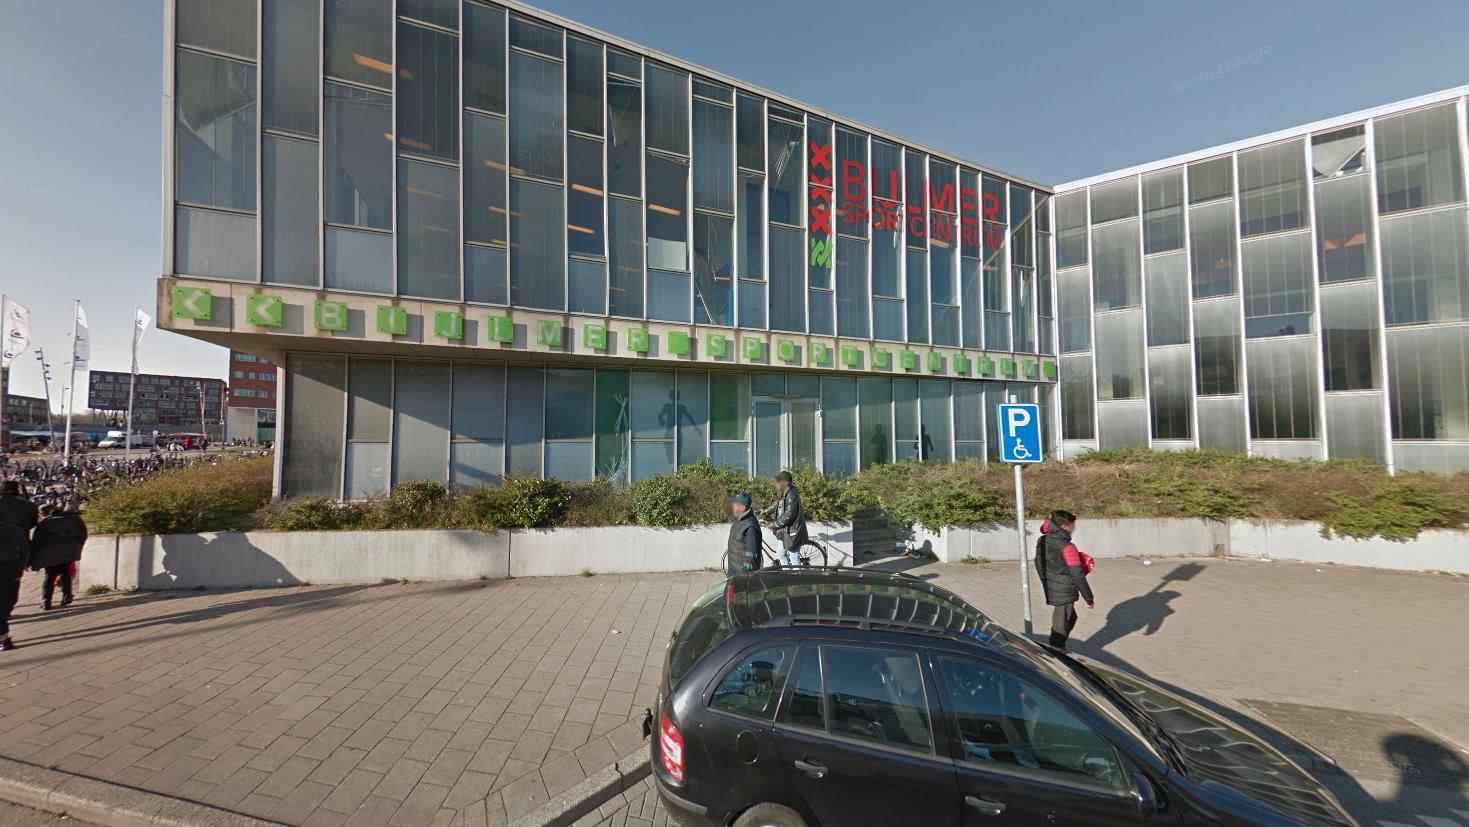 Zwembad Amsterdam Zuidoost.Medewerkers Zwembad Vervolgd Om Verdrinking Eritreer